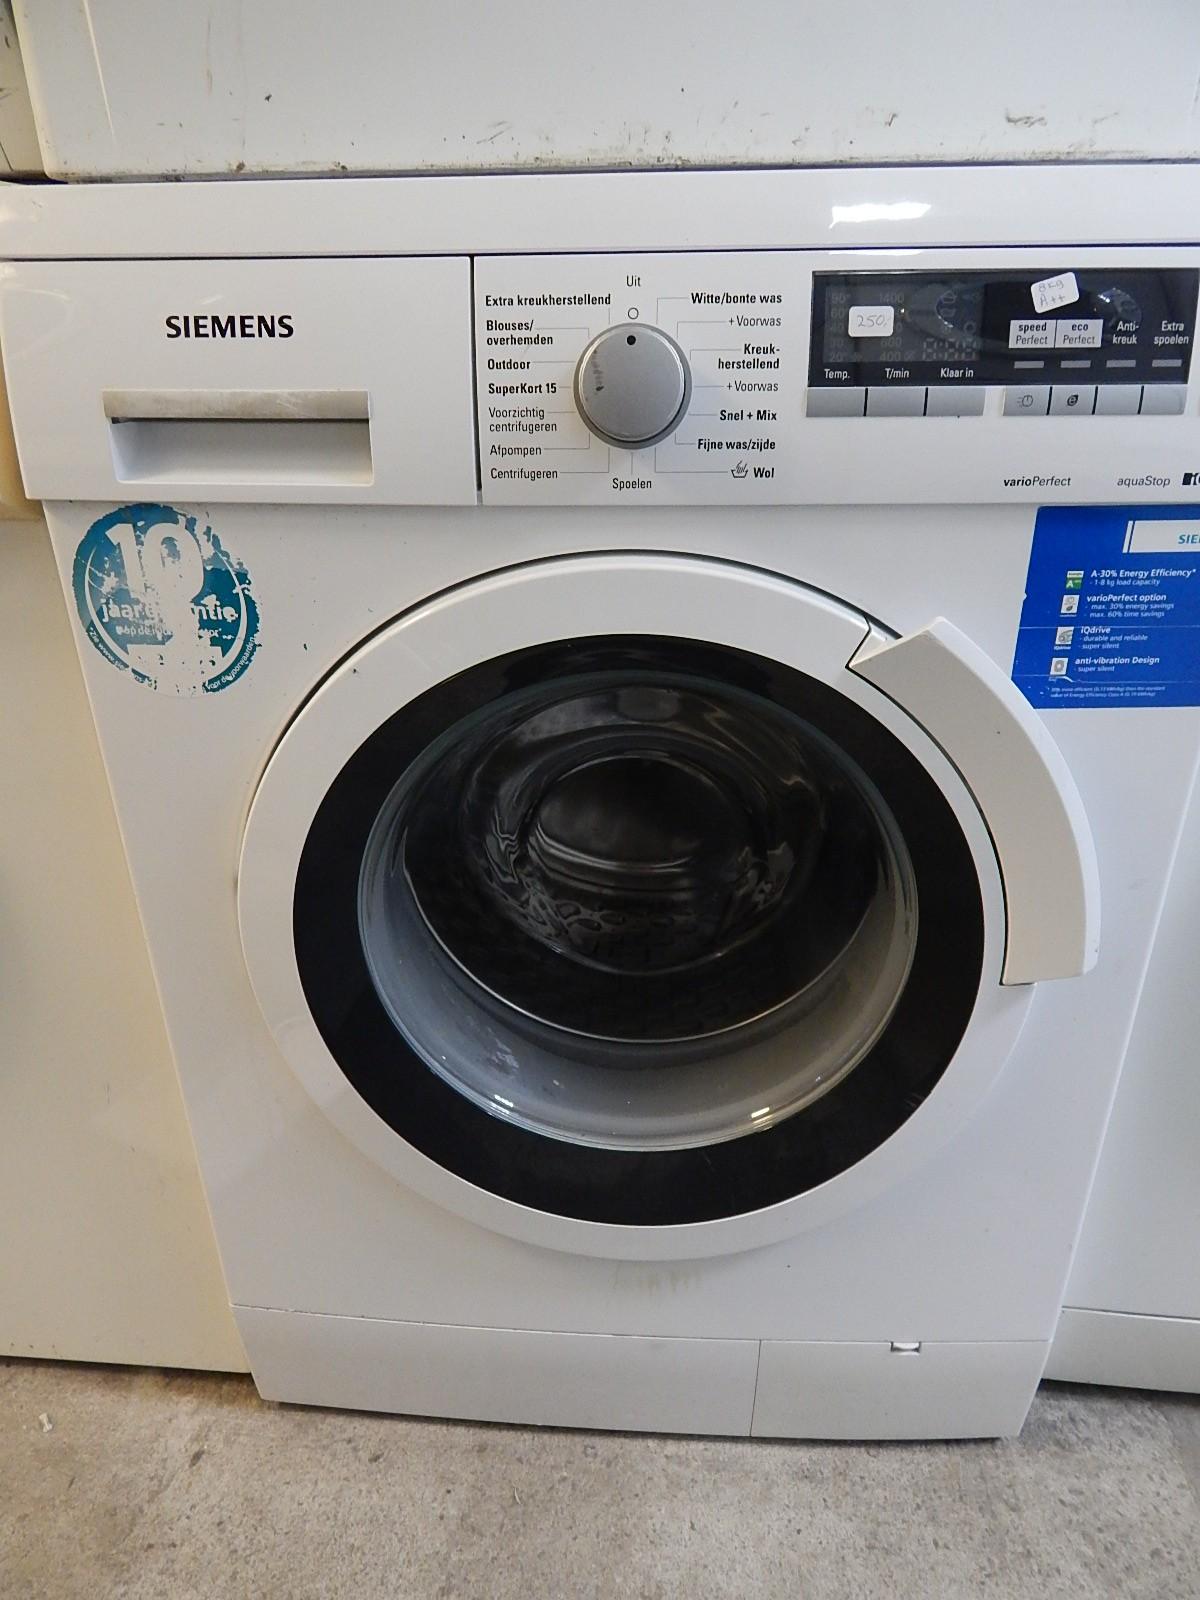 siemens iq700 wasmachine onderdelen huishoudelijke apparaten voor thuis. Black Bedroom Furniture Sets. Home Design Ideas